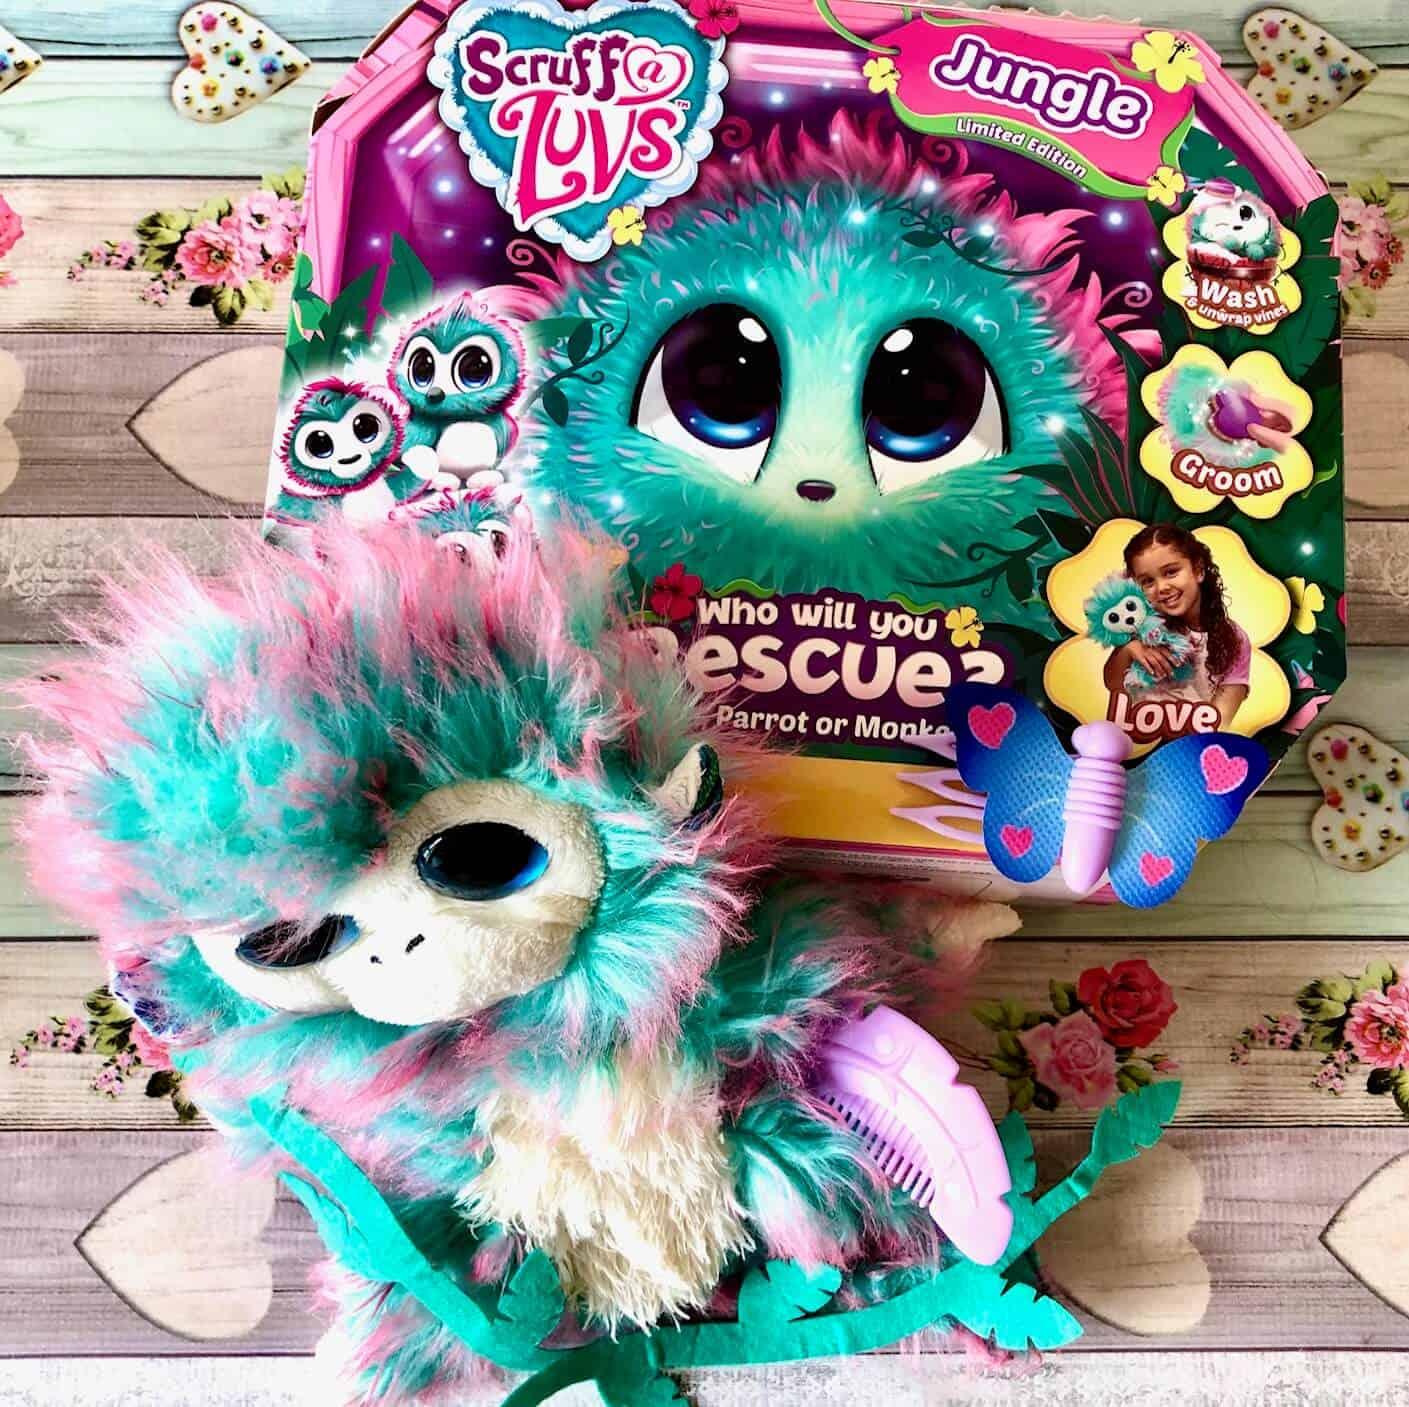 Fluffy Scruff-a-Luvs Jungle